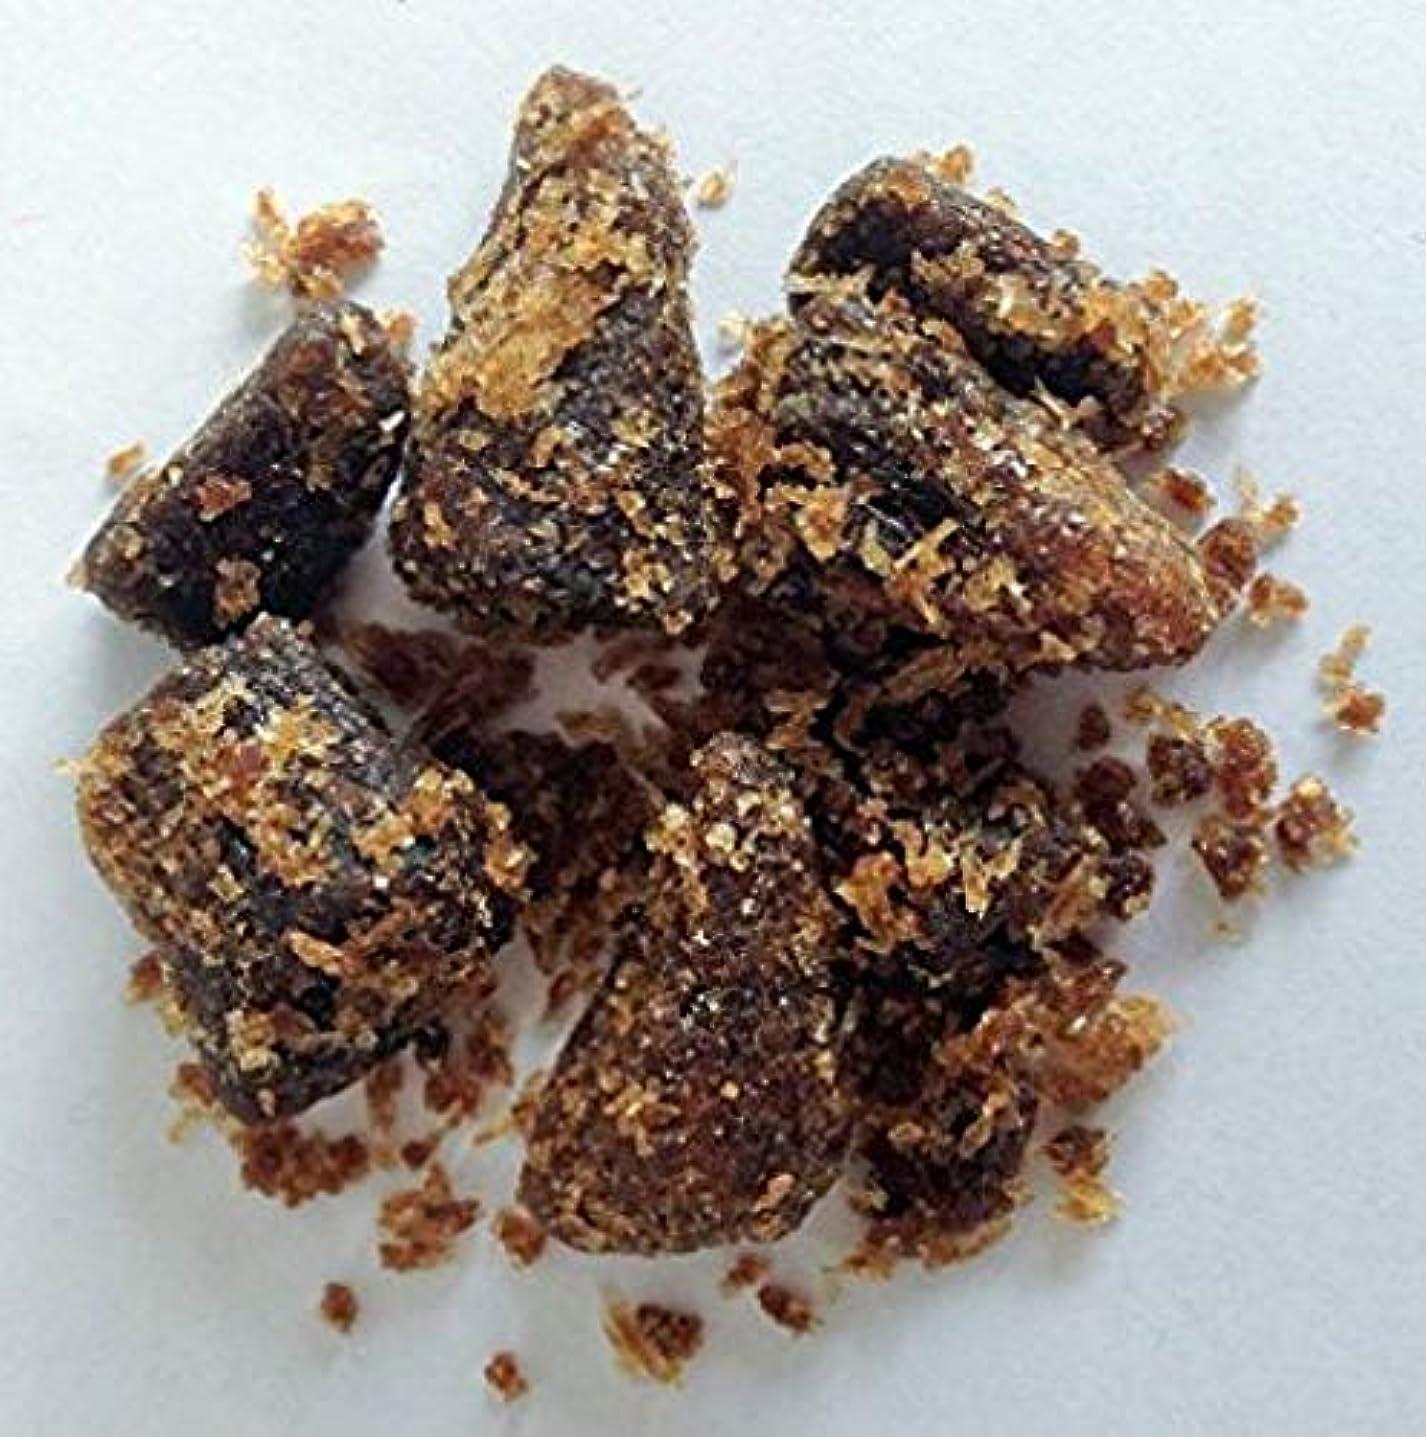 エスカレートベスビオ山隣人50 gオレンジ樹脂Incense Dhoop Agarbatti供養Best Fragrance